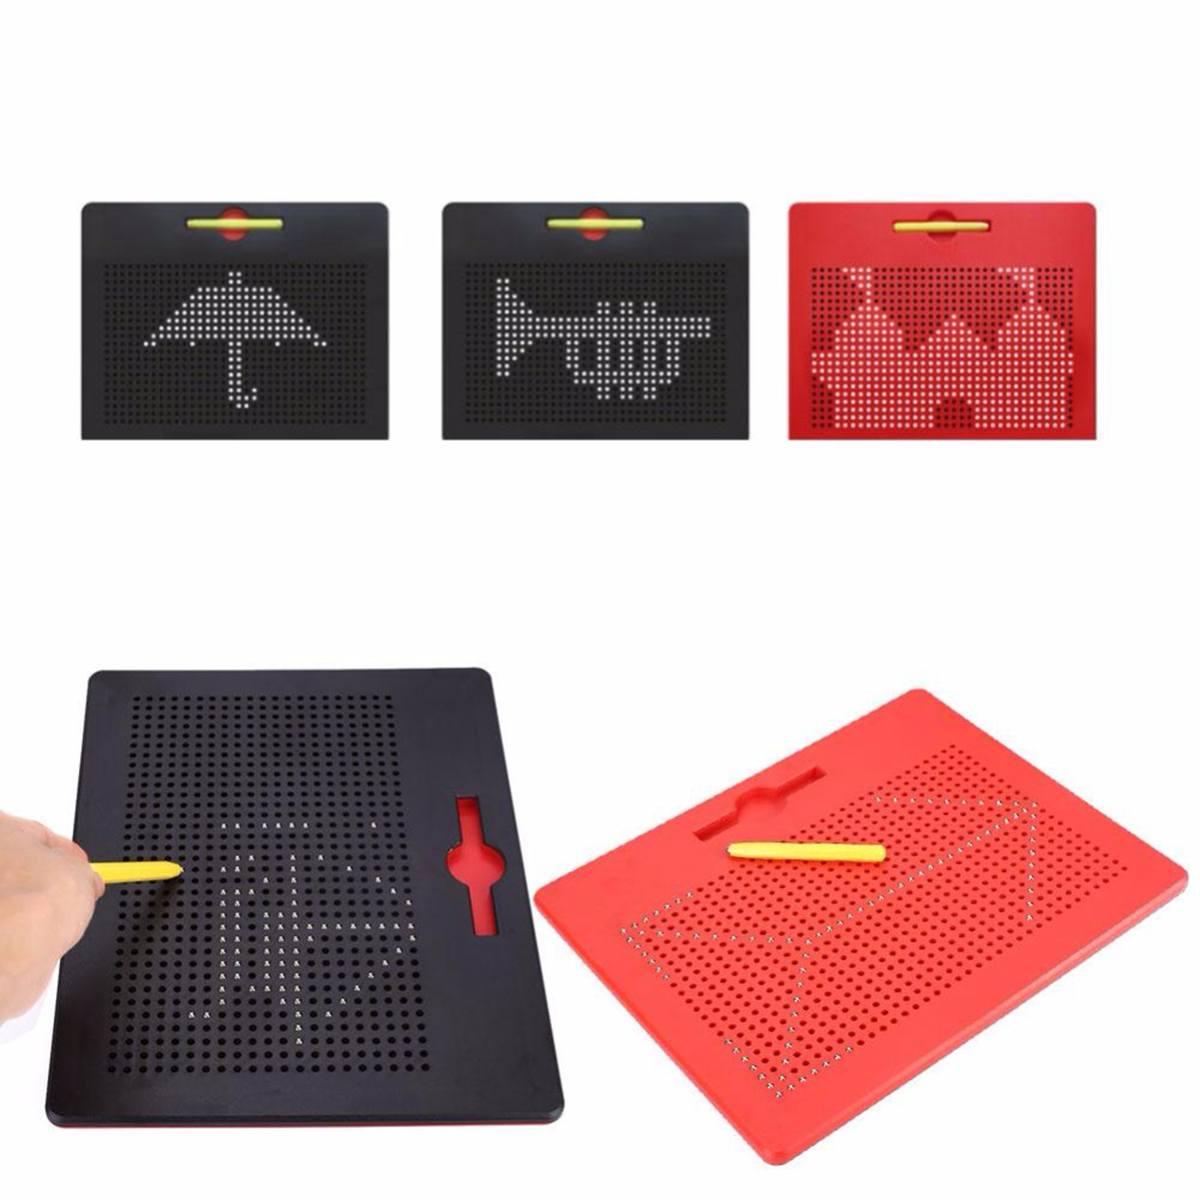 Большой магнитный планшет магнитная подушка доска для рисования шариковая Магнитная Стилус Шариковая ручка обучающая образовательная дос...